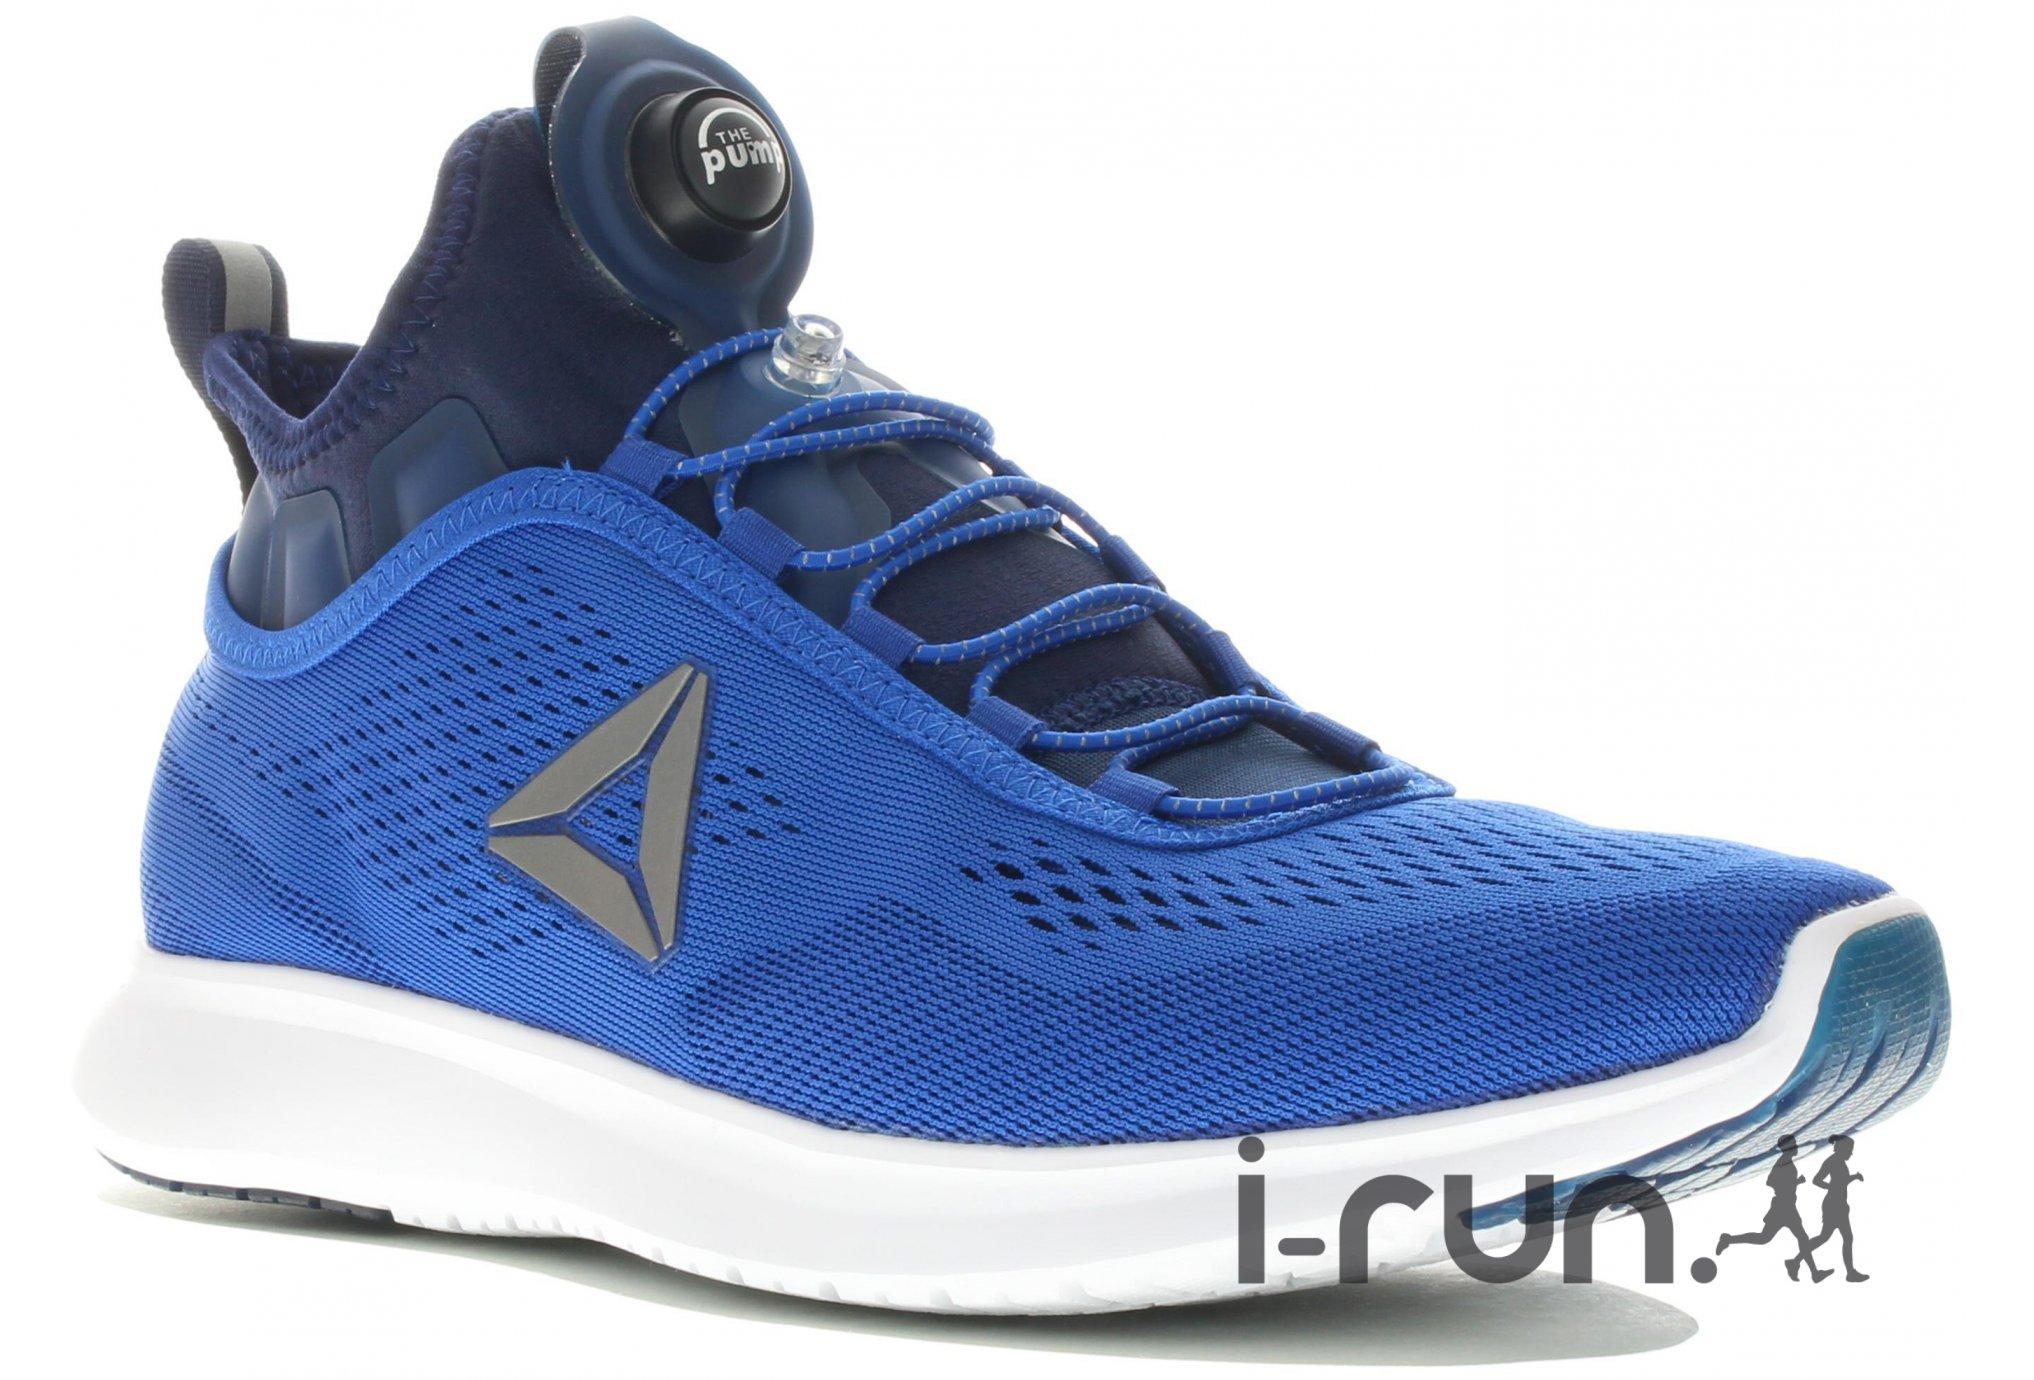 Tech M Reebok Pump La Fortifiée Plus Homme Chaussures Nyn0O8vmw